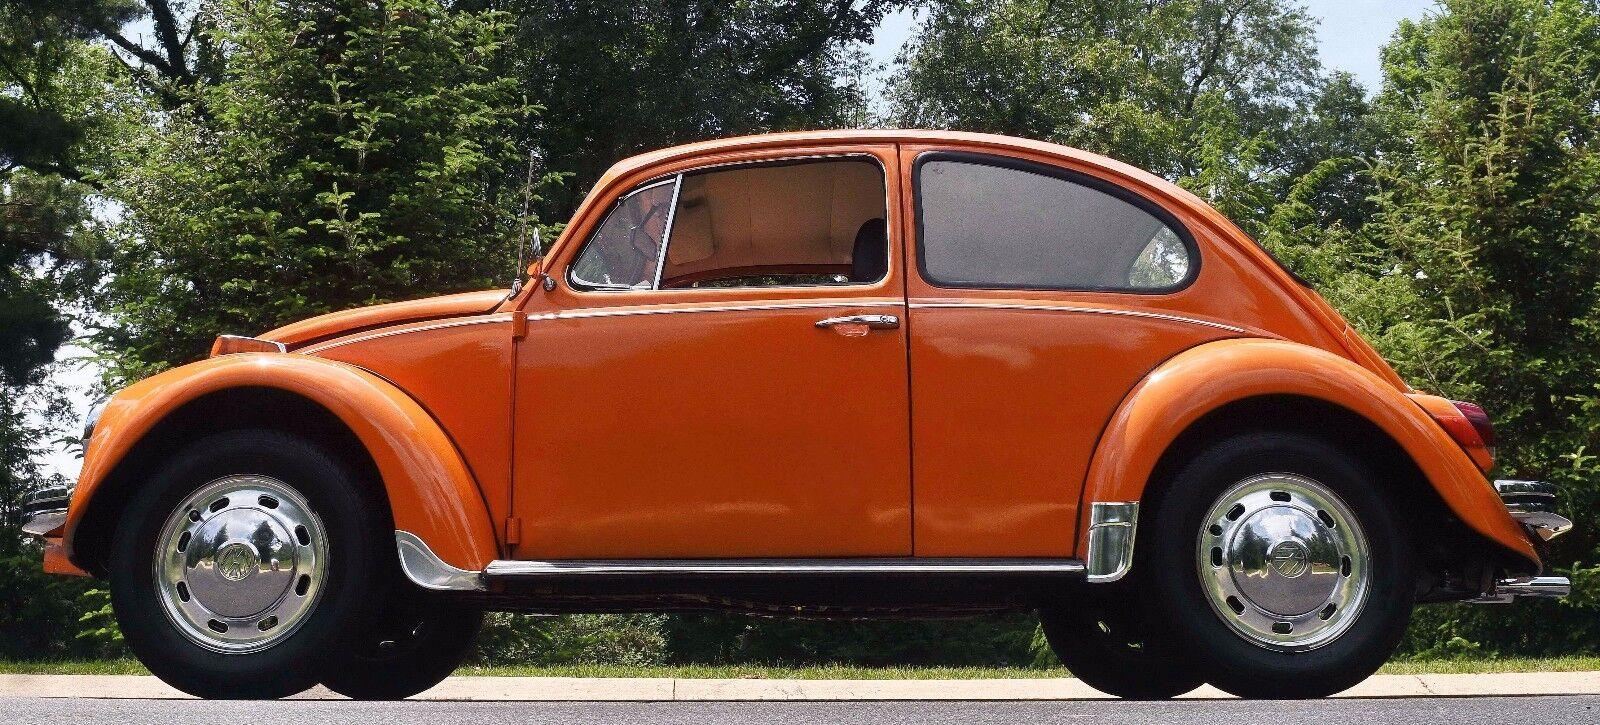 1970 70 Volkswagen Vw Classic Beetle Orange Manual Low